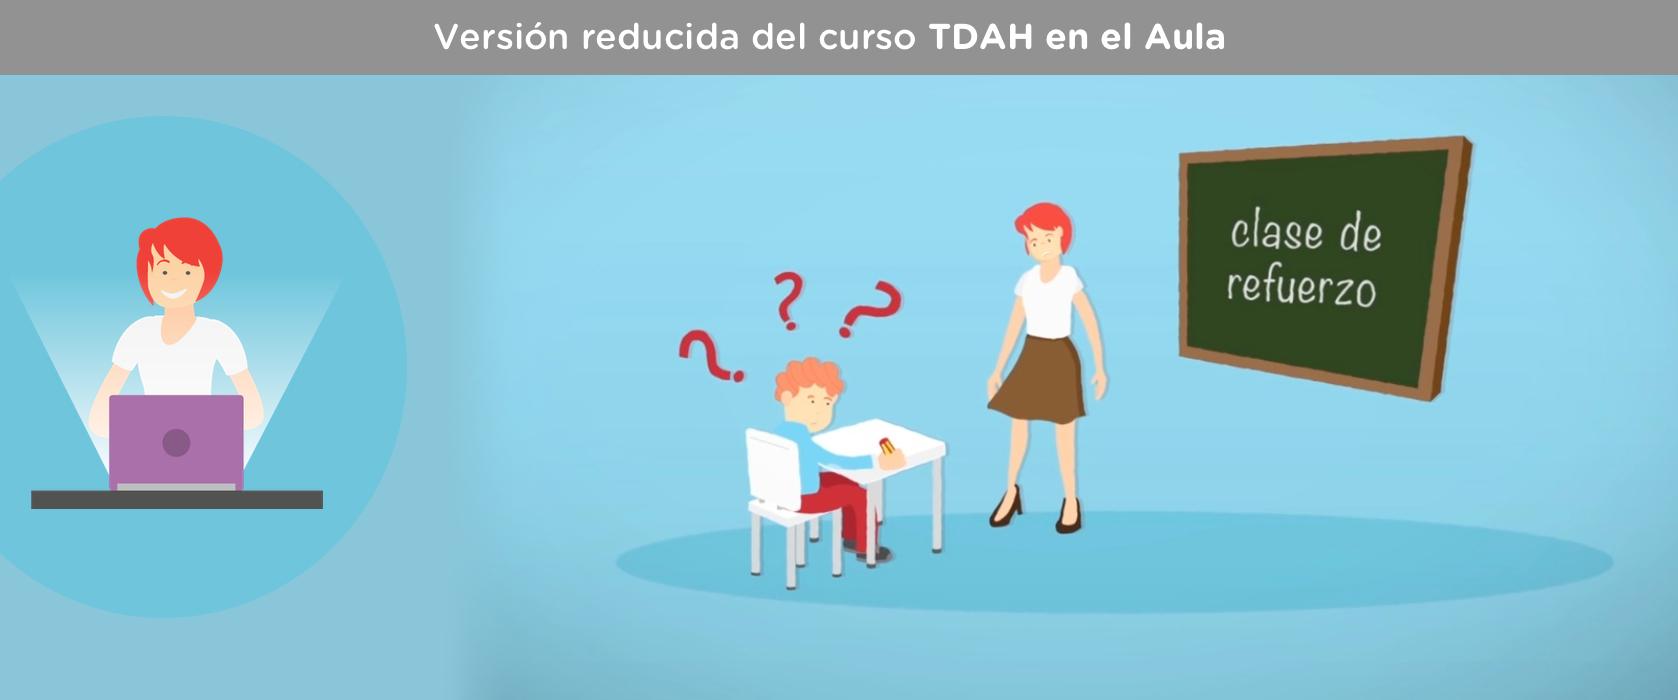 Curso TDAH: Respuesta educativa al alumno